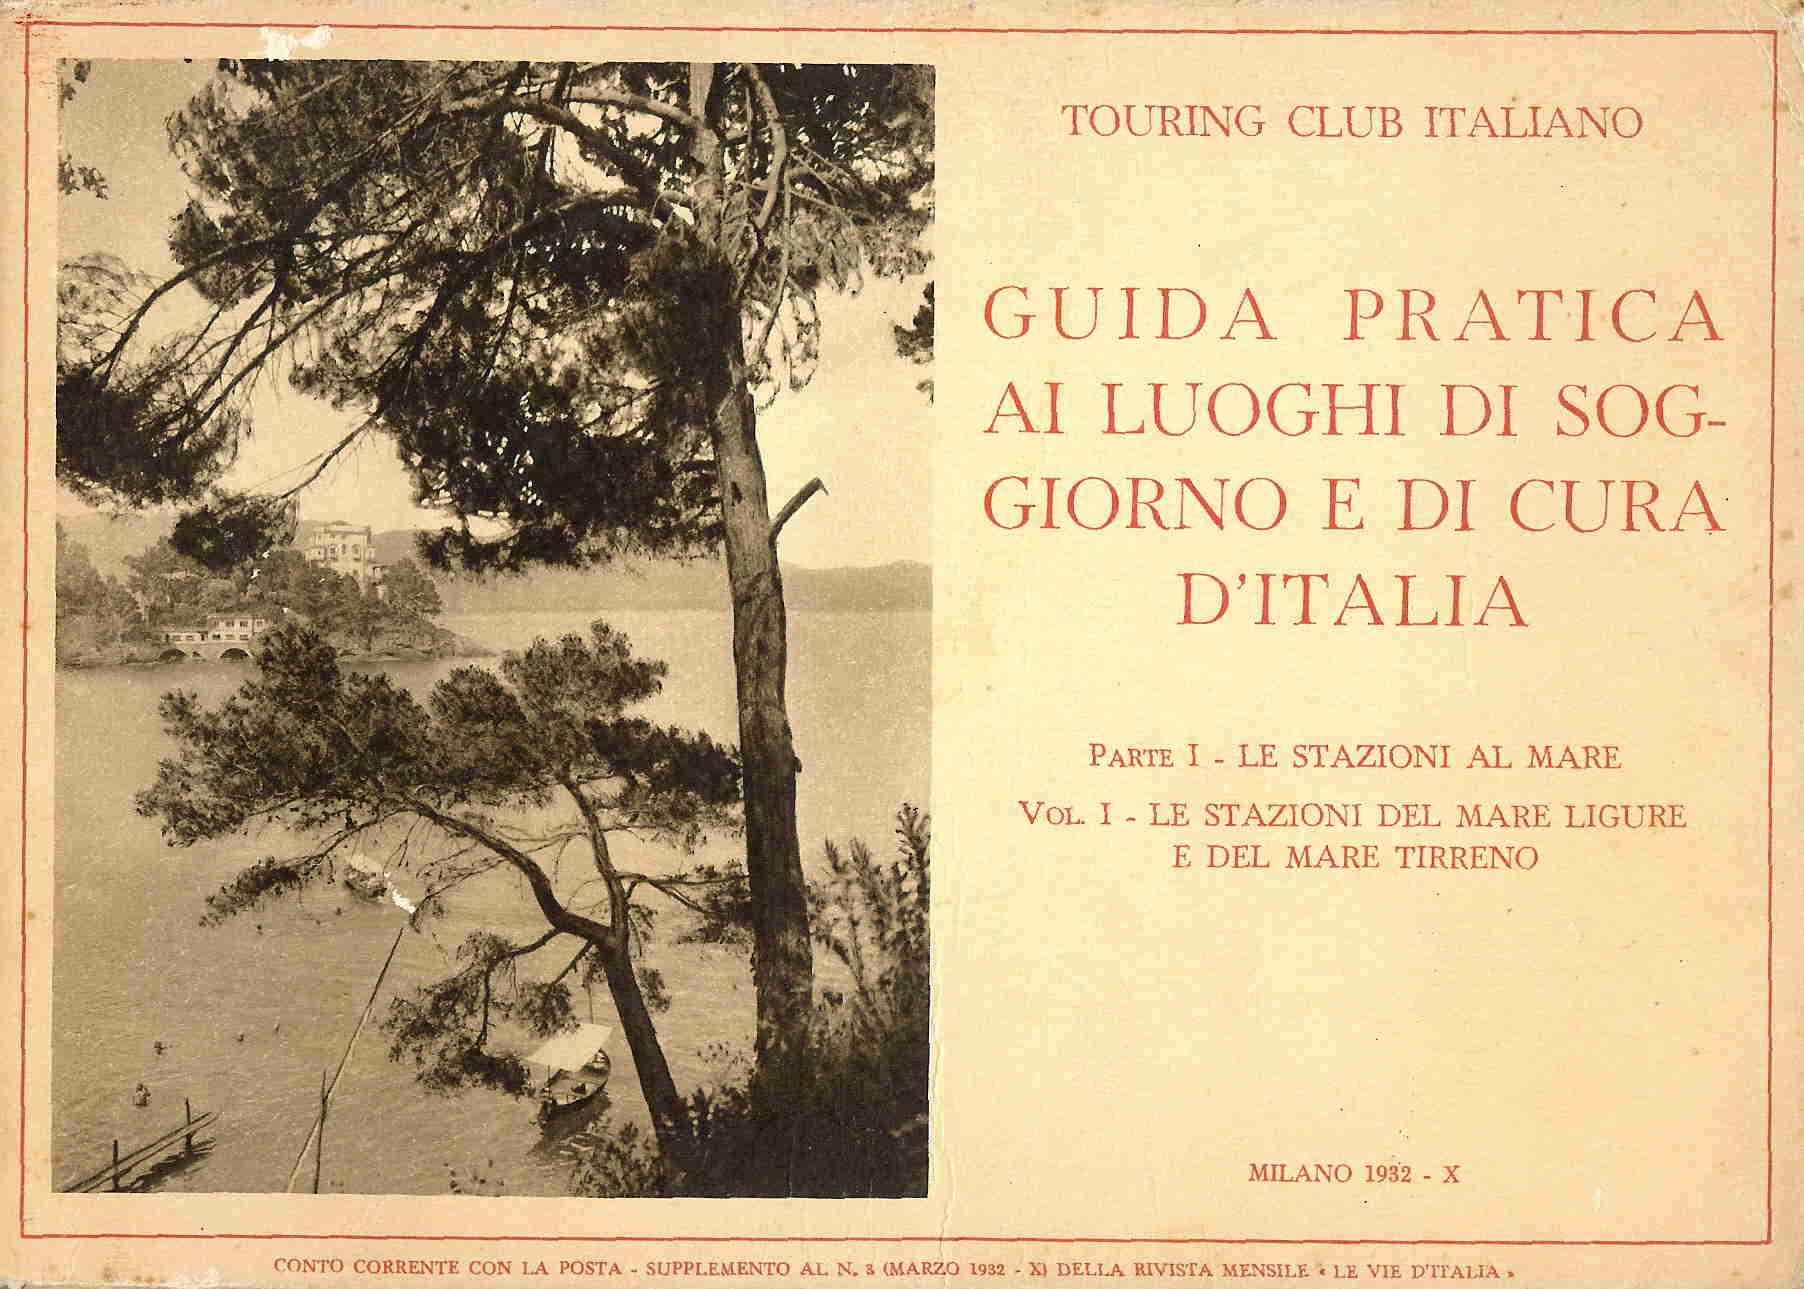 Guida pratica ai luoghi di soggiorno e di cura in Italia